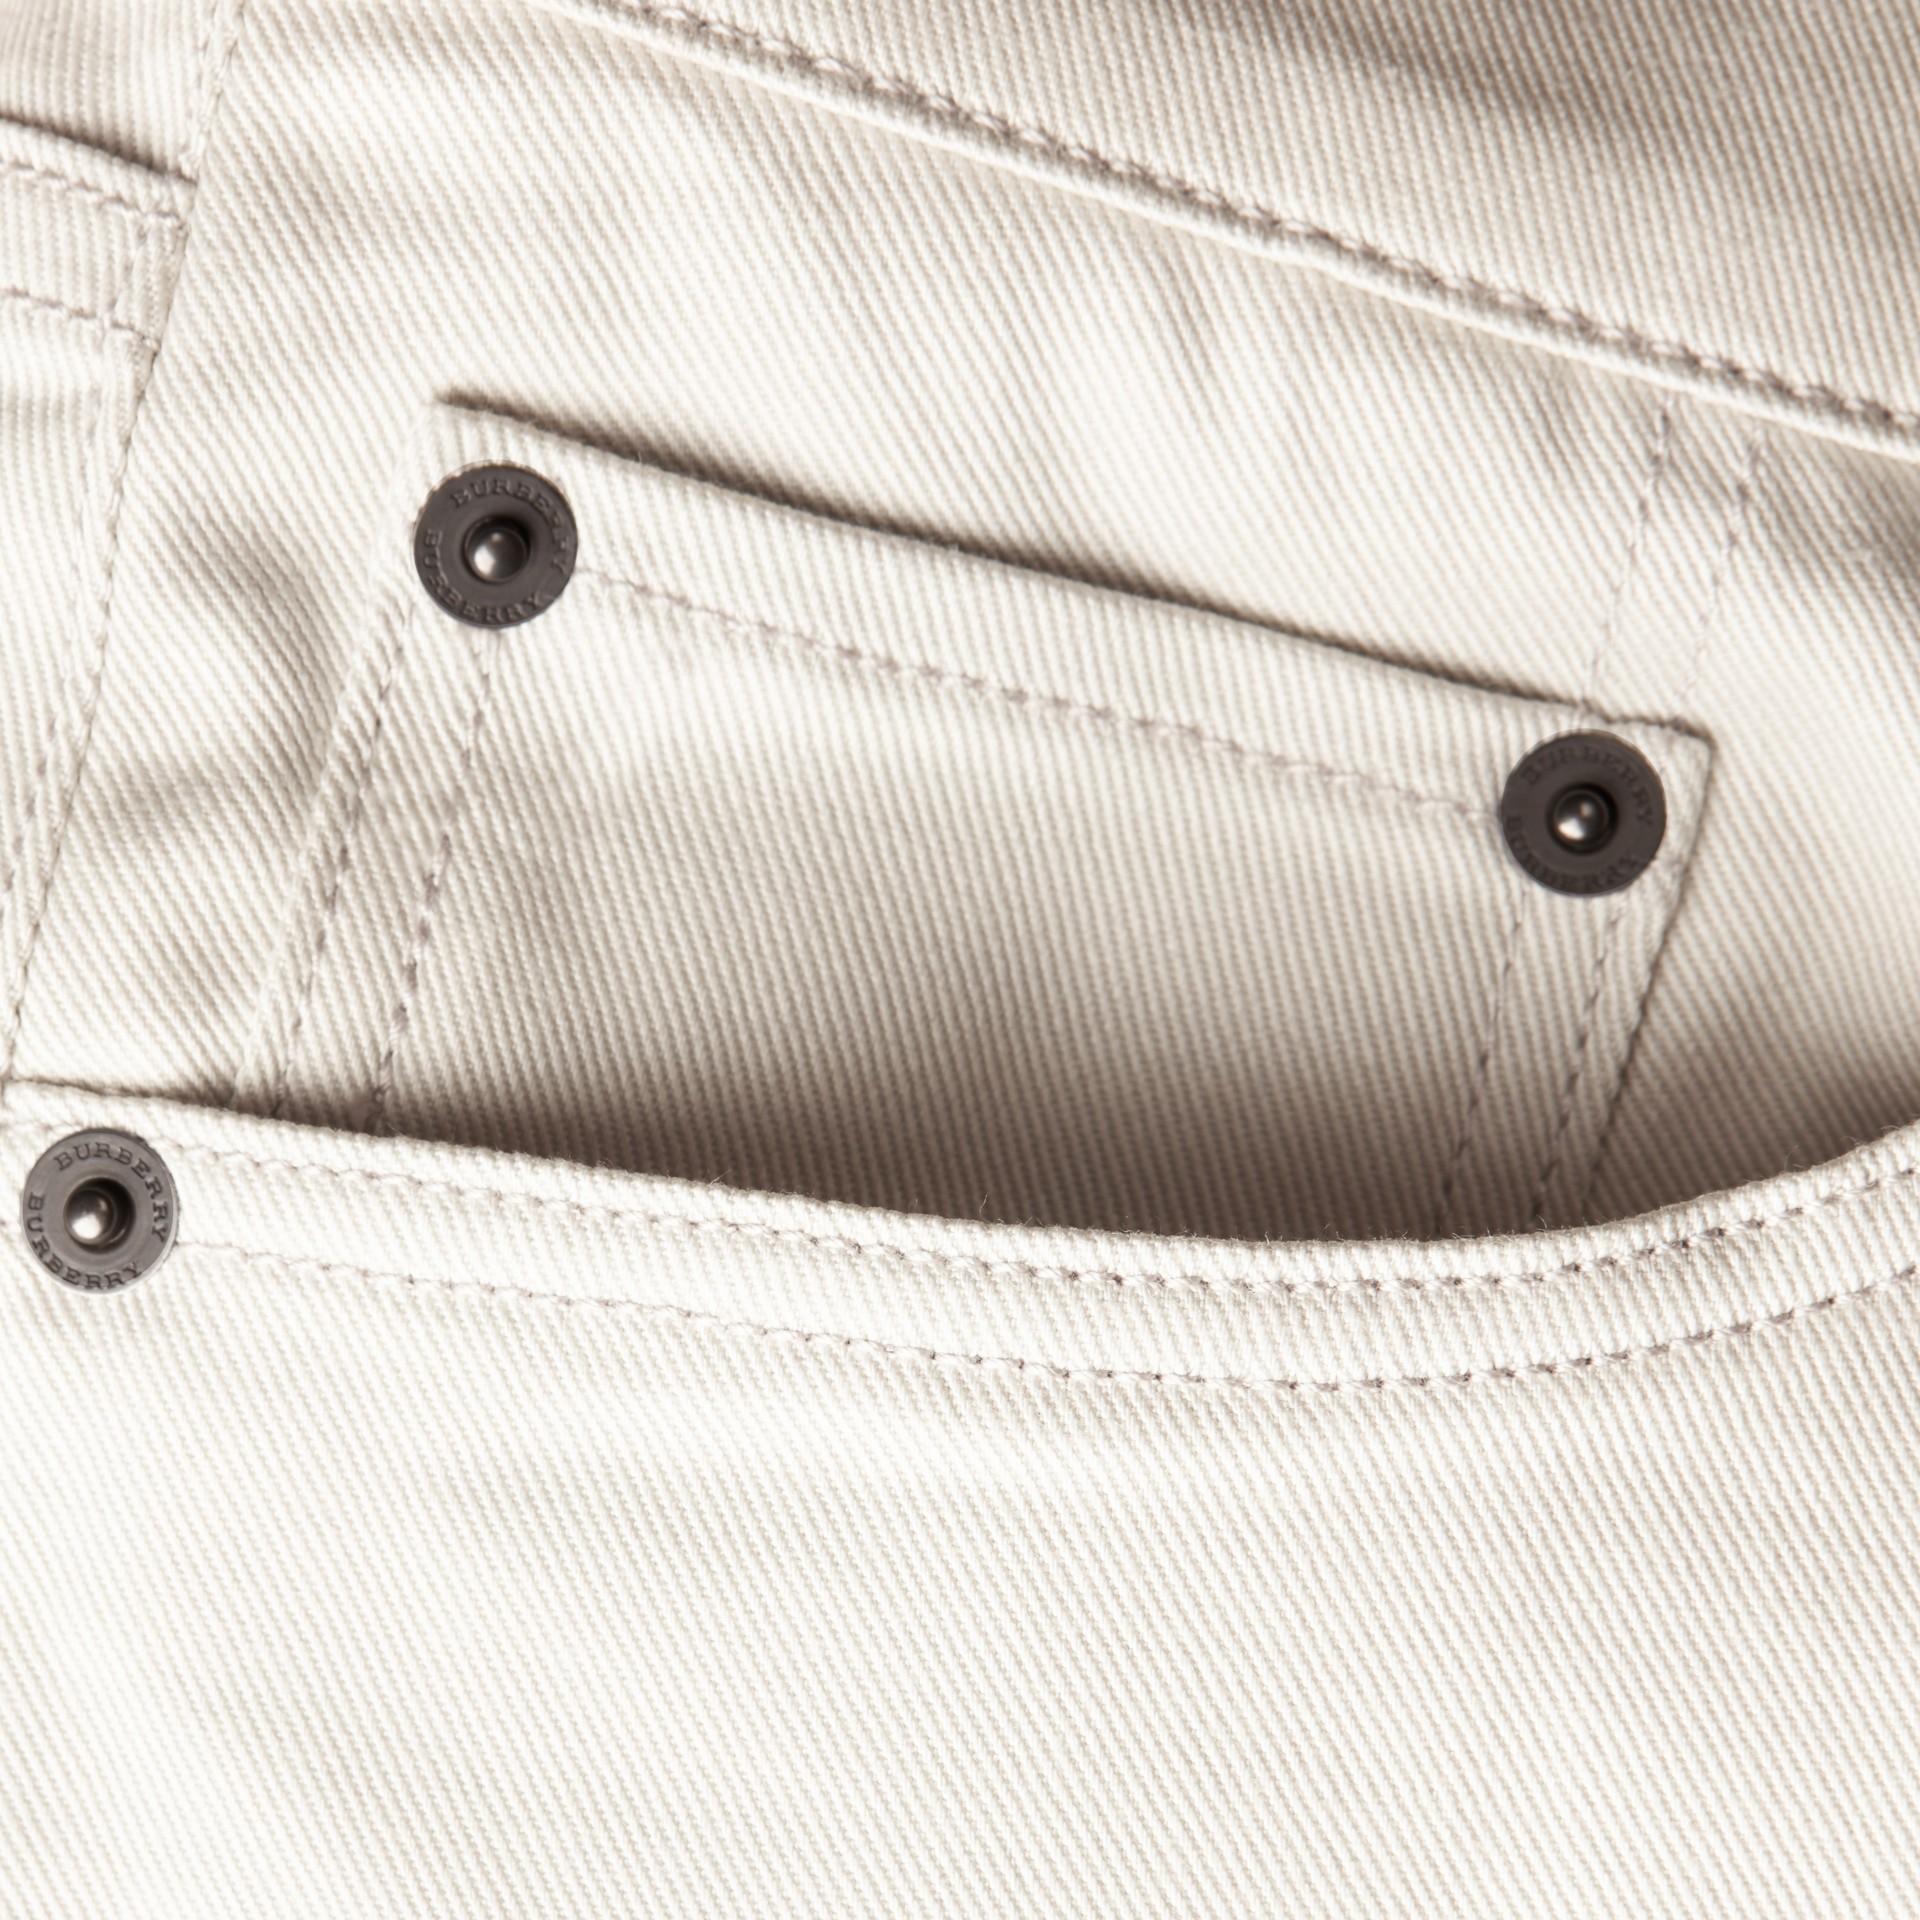 淡石色 修身剪裁日本伸縮牛仔褲 淡石色 - 圖庫照片 2